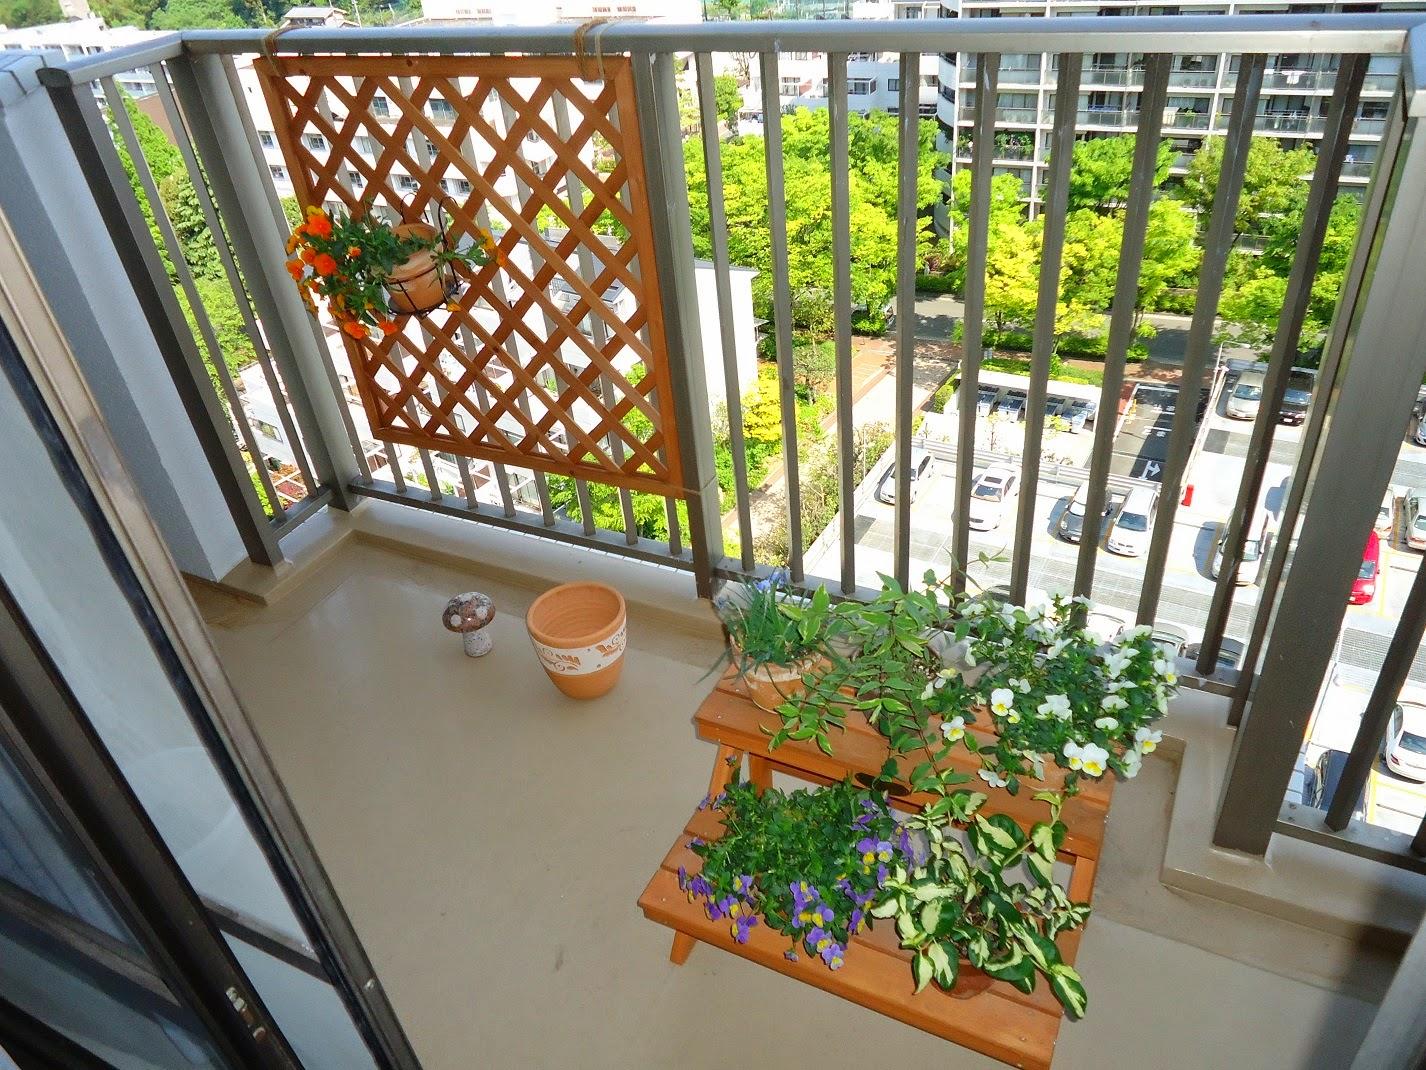 ビオラ (植物)の画像 p1_26